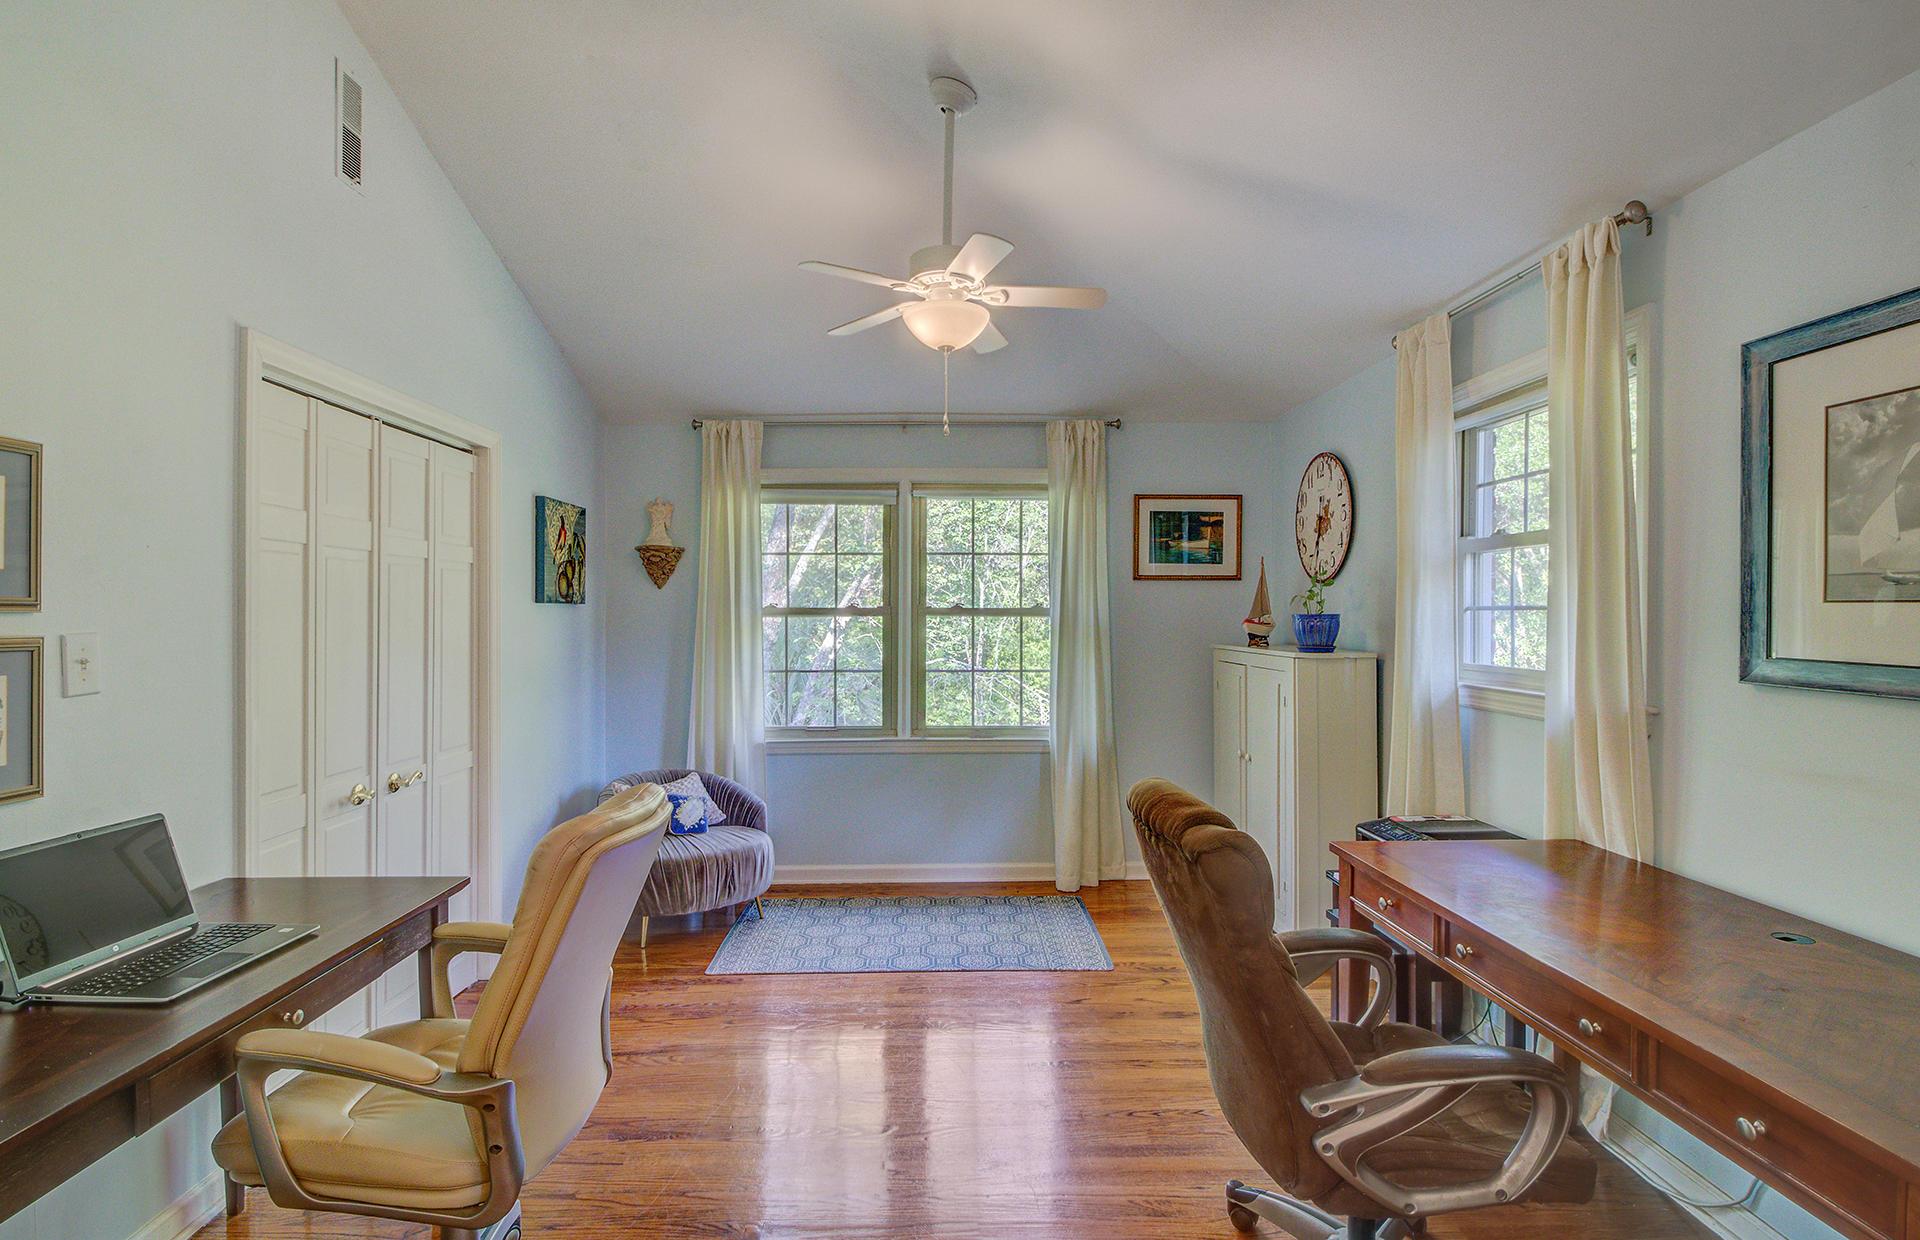 Pine Forest Inn Homes For Sale - 543 Simmons, Summerville, SC - 68